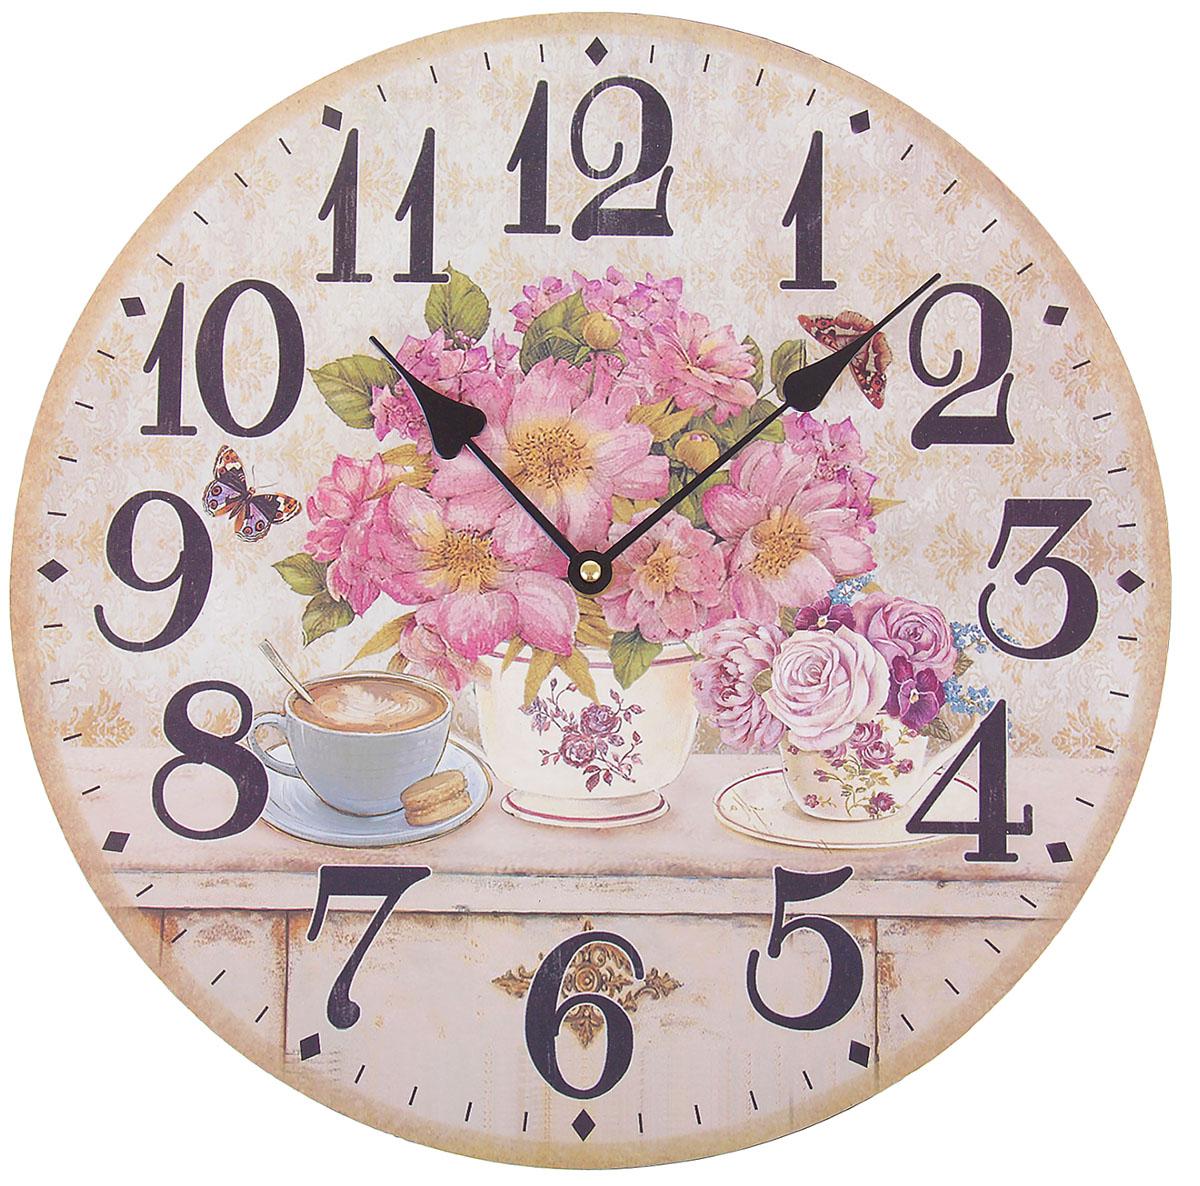 Часы настенные Ретро. Утренние цветы, диаметр 34 см840868Каждому хозяину периодически приходит мысль обновить свою квартиру, сделать ремонт, перестановку или кардинально поменять внешний вид каждой комнаты. Часы настенные интерьерные Утренние цветы — привлекательная деталь, которая поможет воплотить вашу интерьерную идею, создать неповторимую атмосферу в вашем доме. Окружите себя приятными мелочами, пусть они радуют глаз и дарят гармонию.часы настенные круг серия Ретро Утренние цветы d=34см 840868